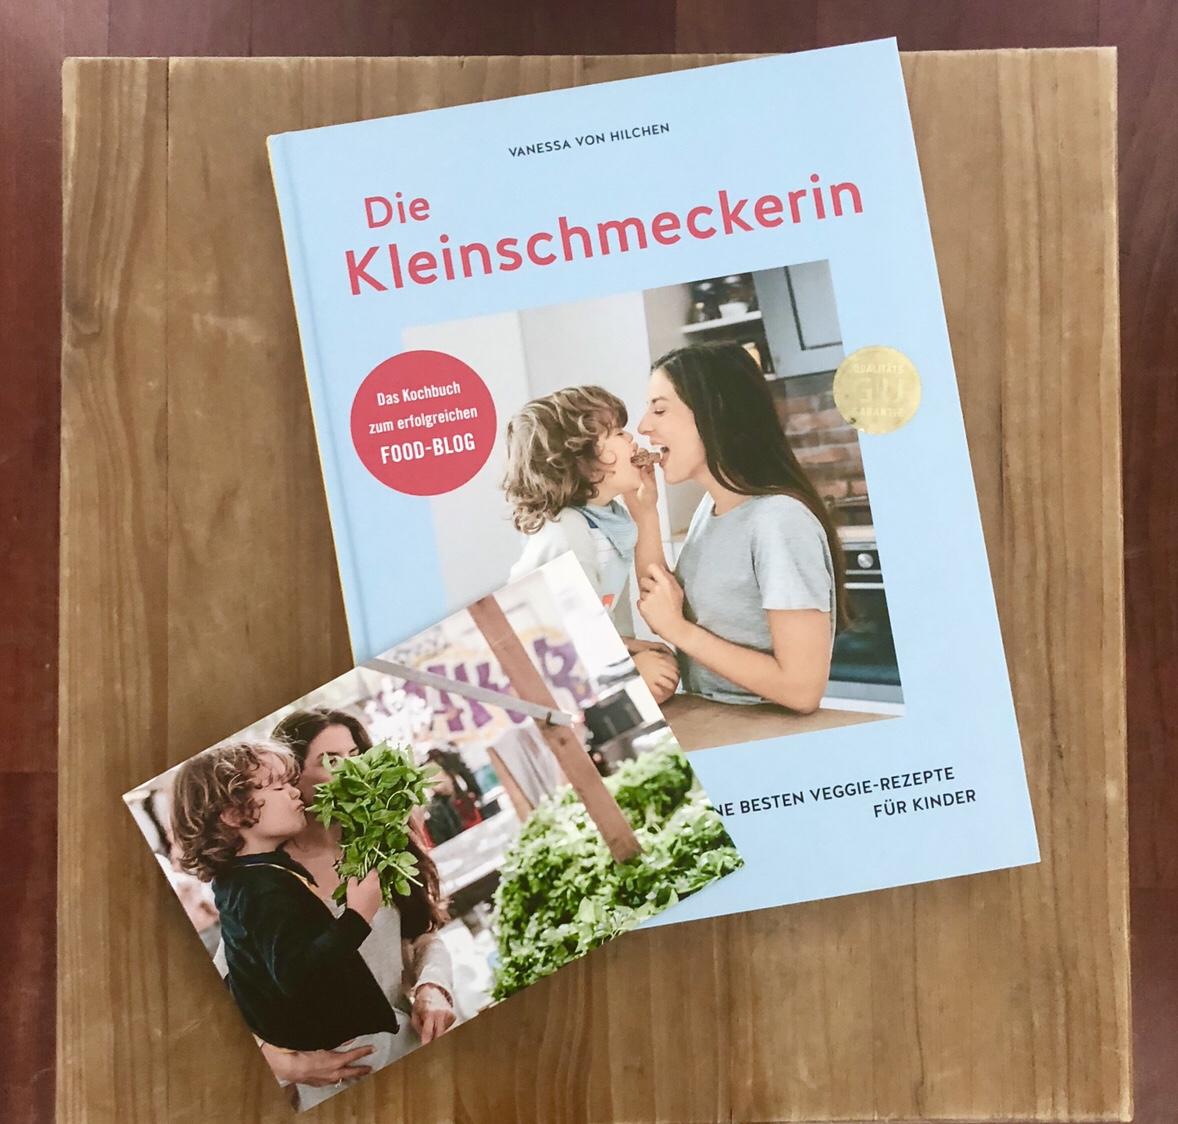 Die Kleinschmeckerin: Meine besten Veggie-Rezepte für Kinder | berlinmittemom.com